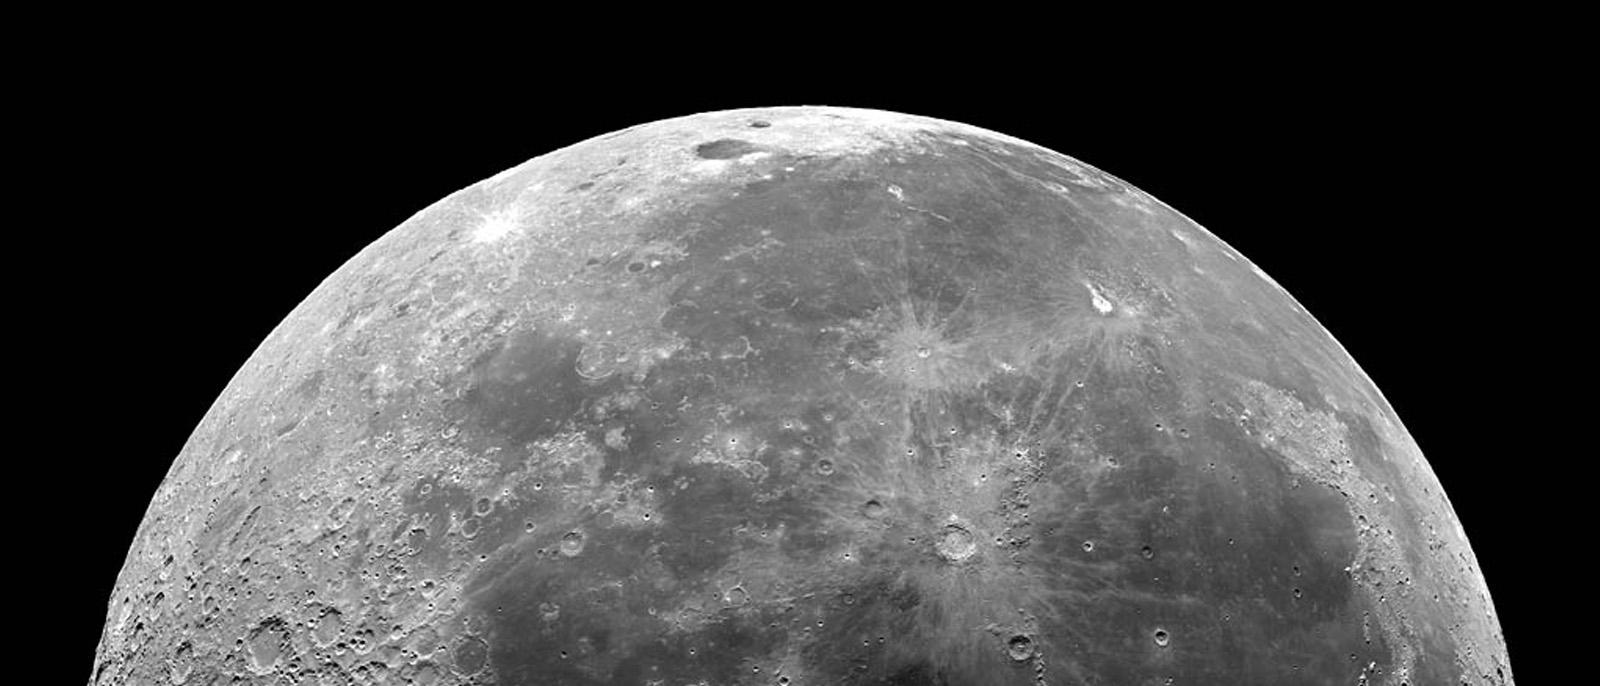 Südkorea will im Jahr 2030 eine Mondlandung versuchen.